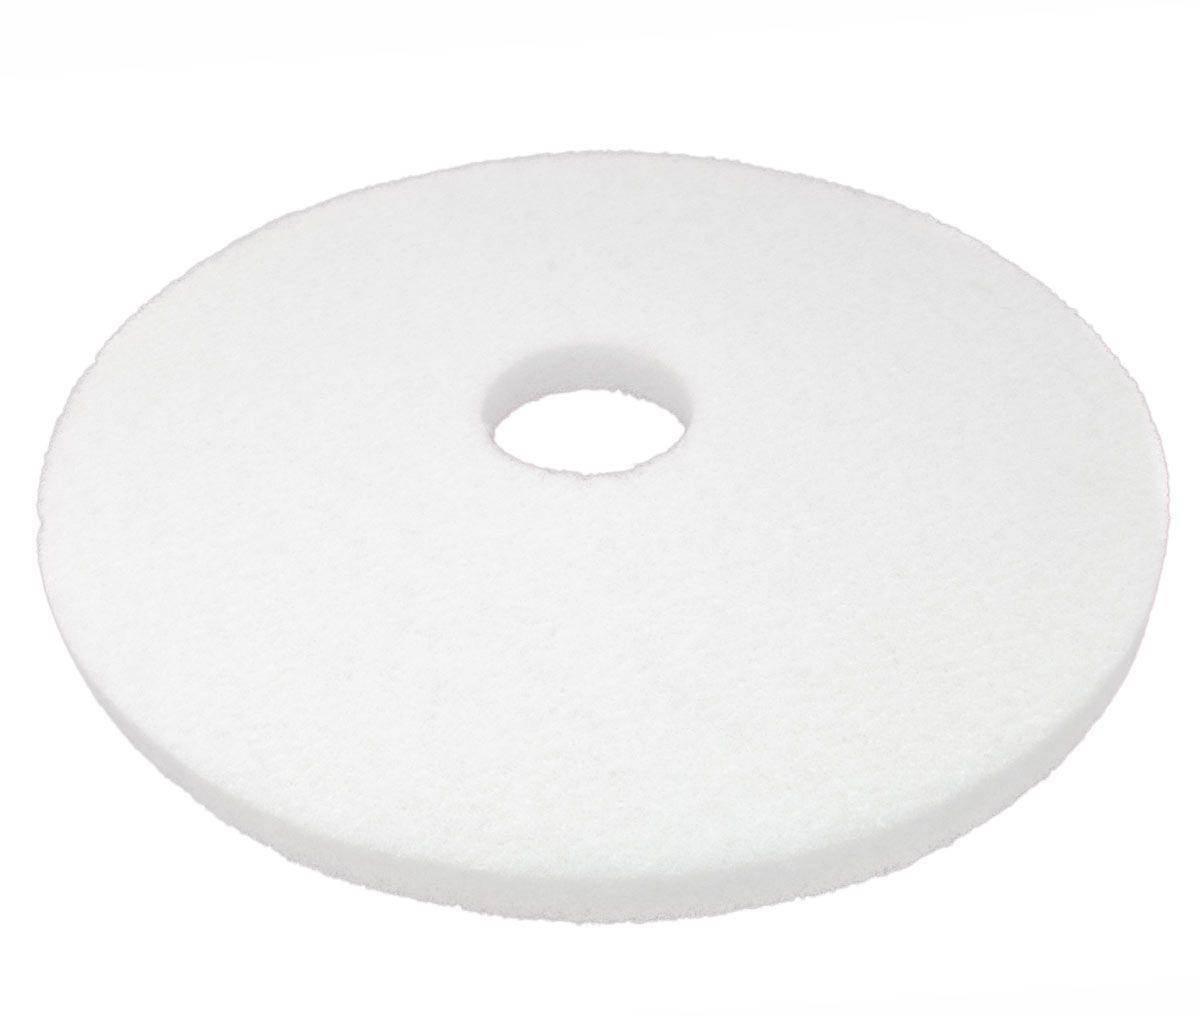 pad white 2202